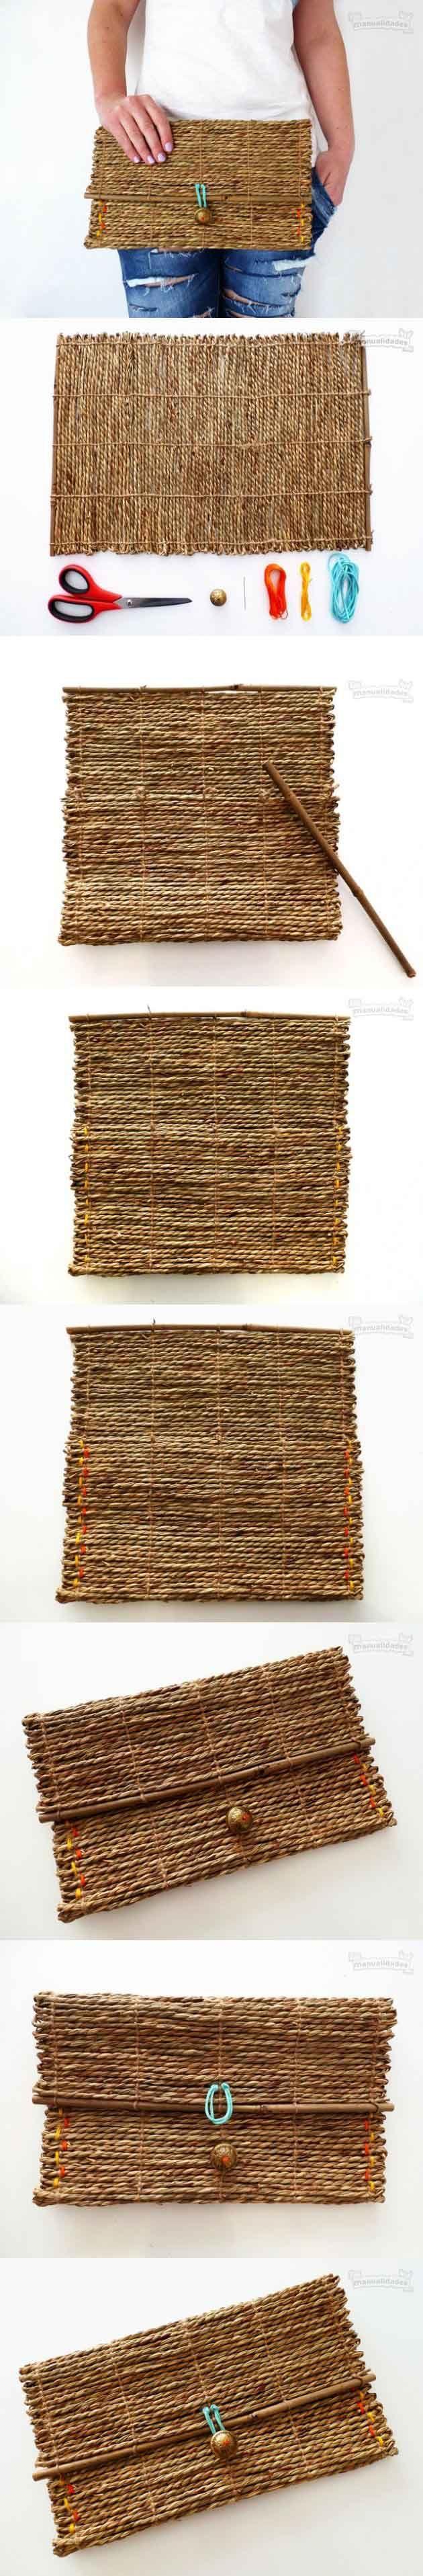 Bolso de mano reciclando un mantel individual